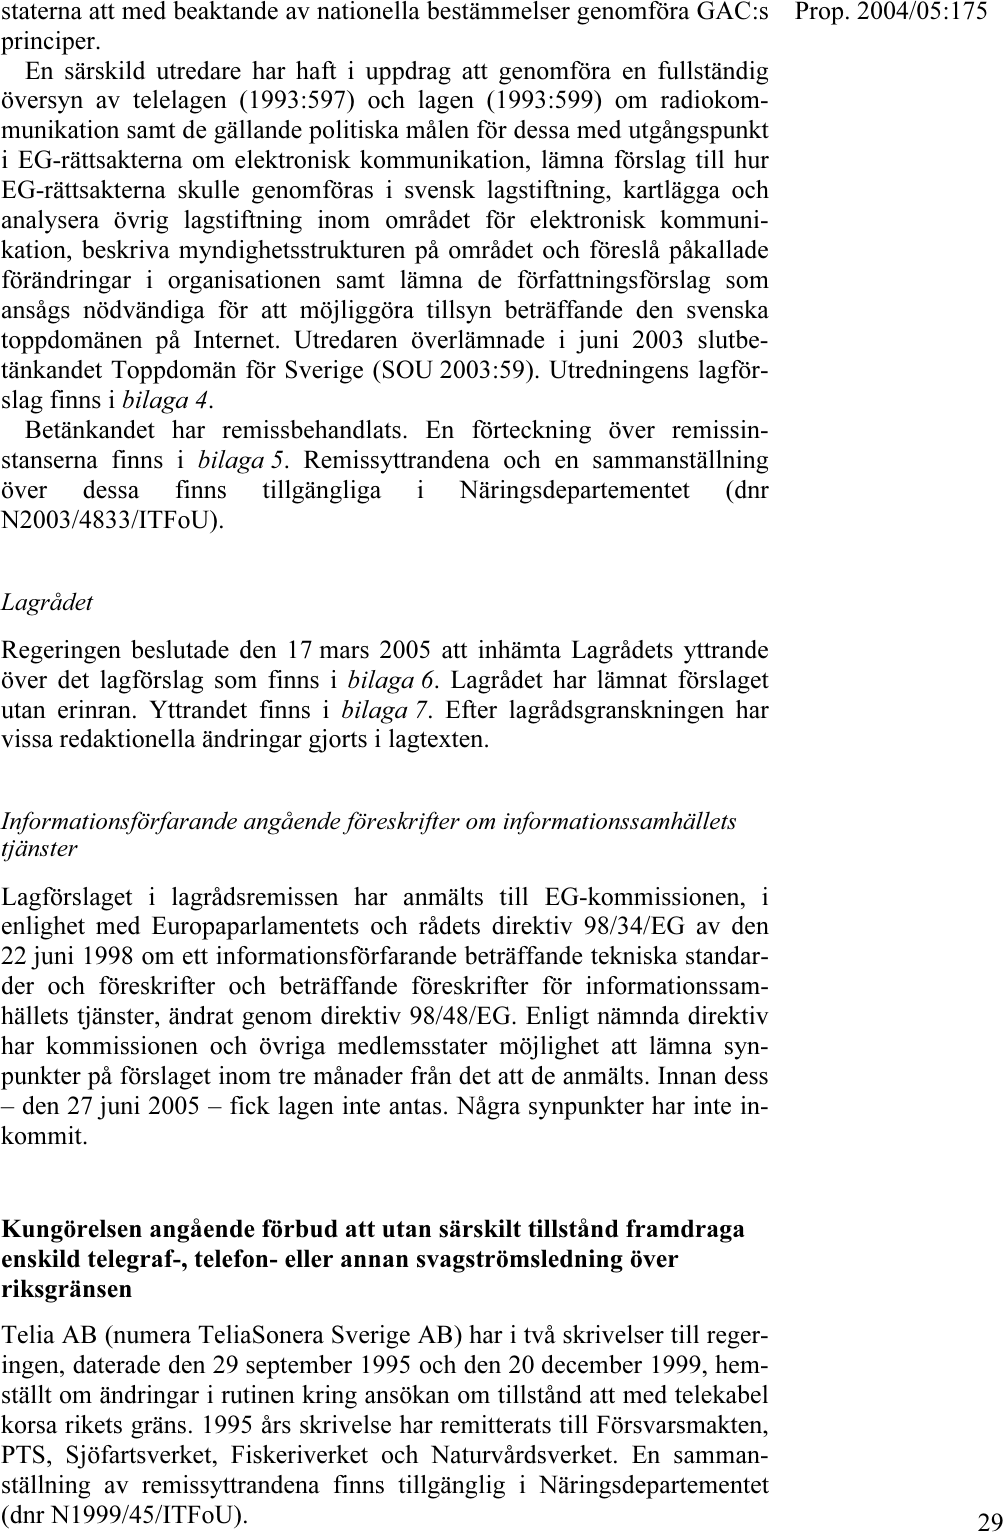 Bredband till glesbygd telia valkomnar forslaget